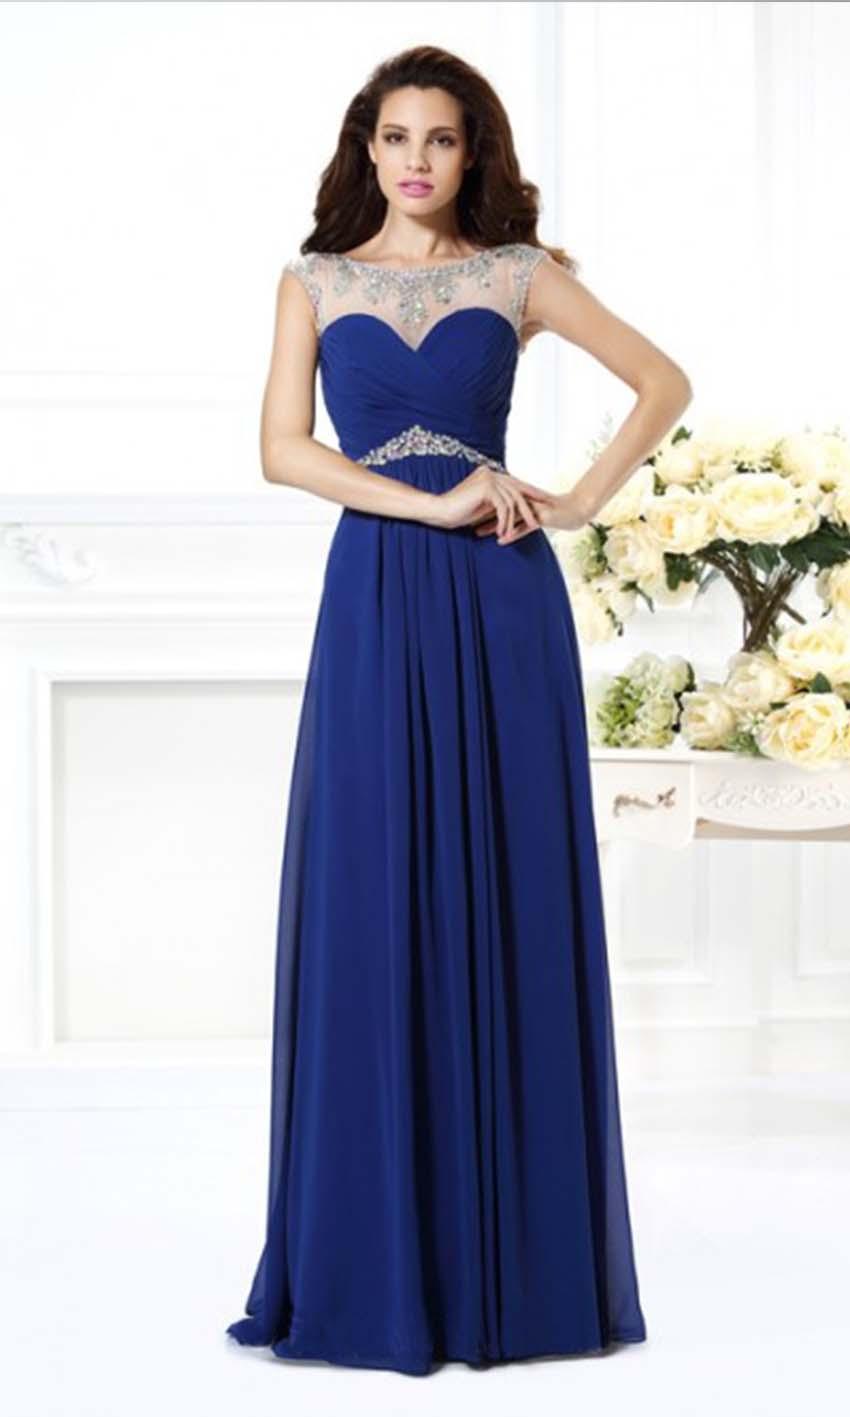 Blue Illusion Long Lace Prom Dresses UK KSP346 [KSP346] - £94.00 ...